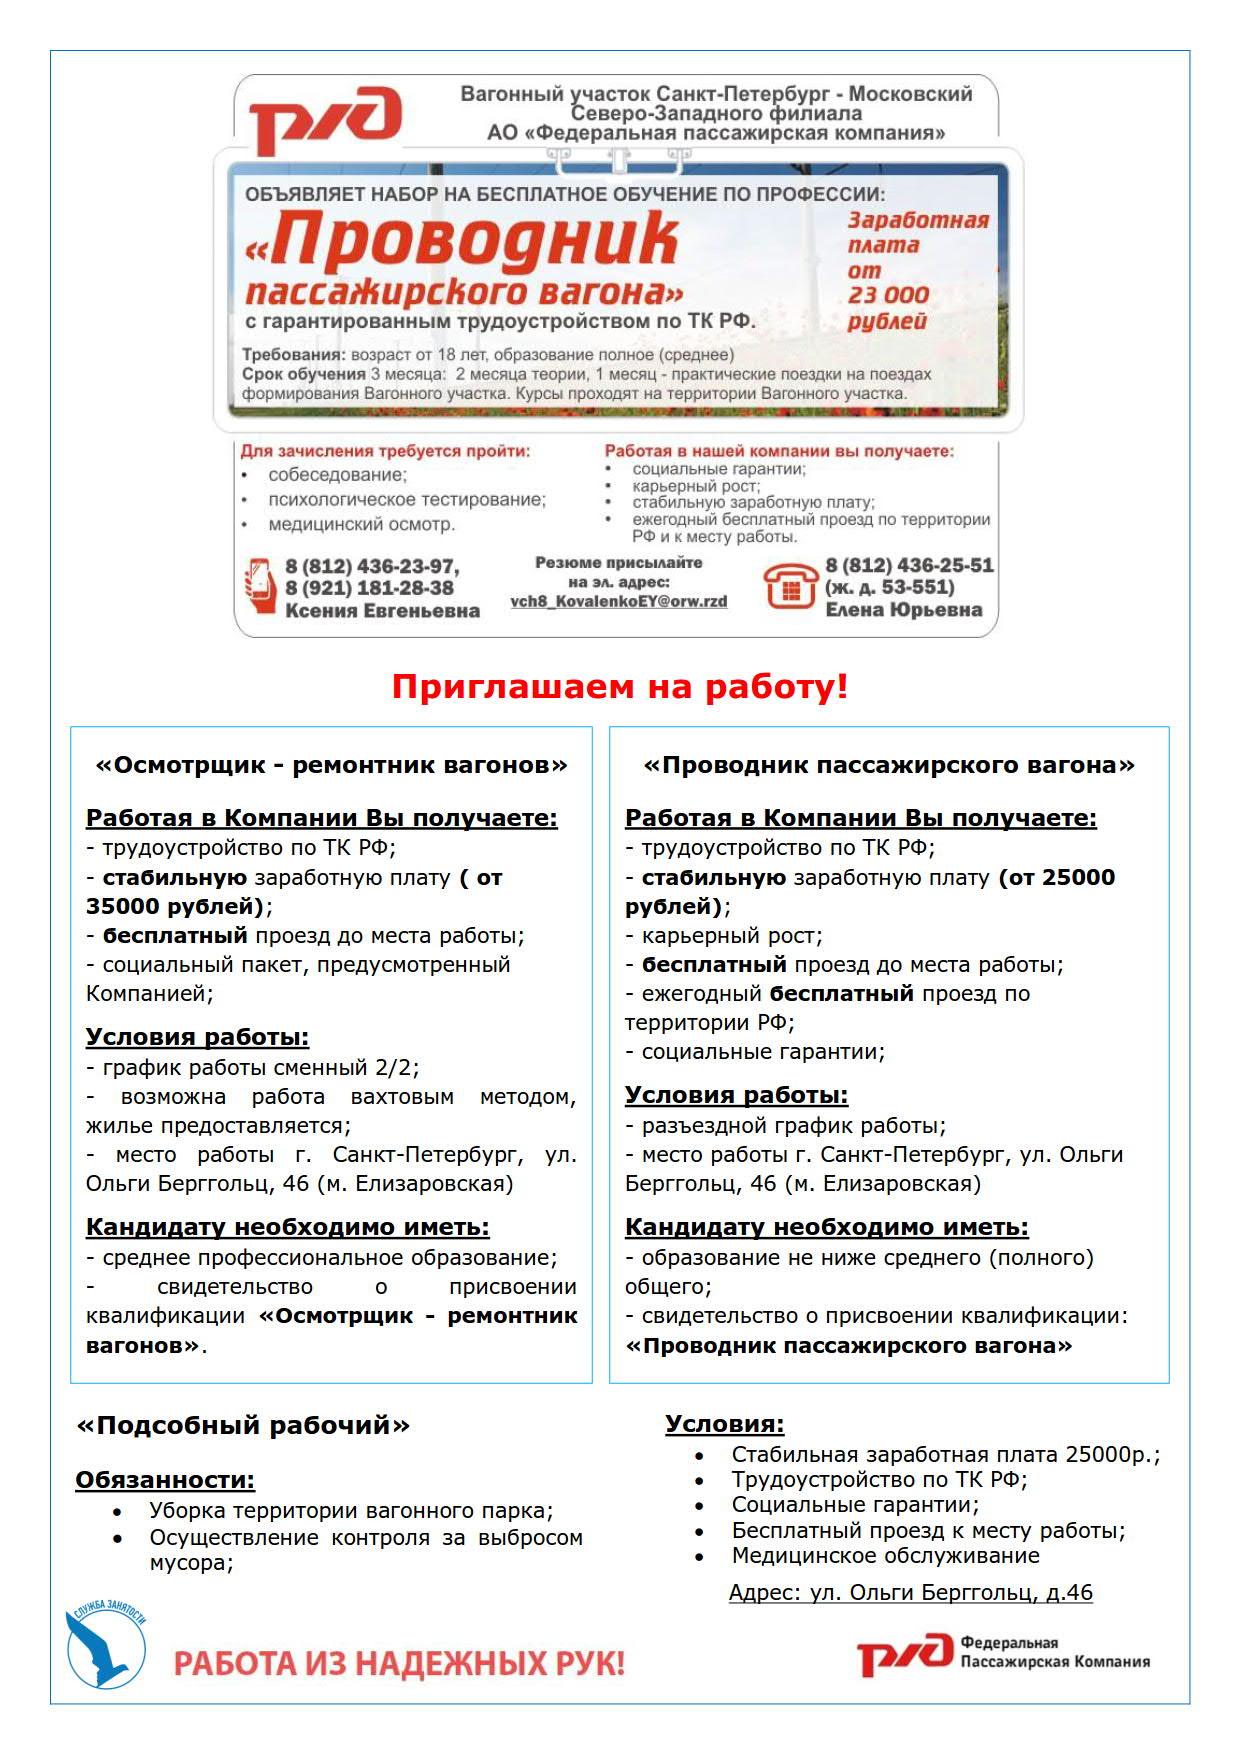 РЖД вакансии_1